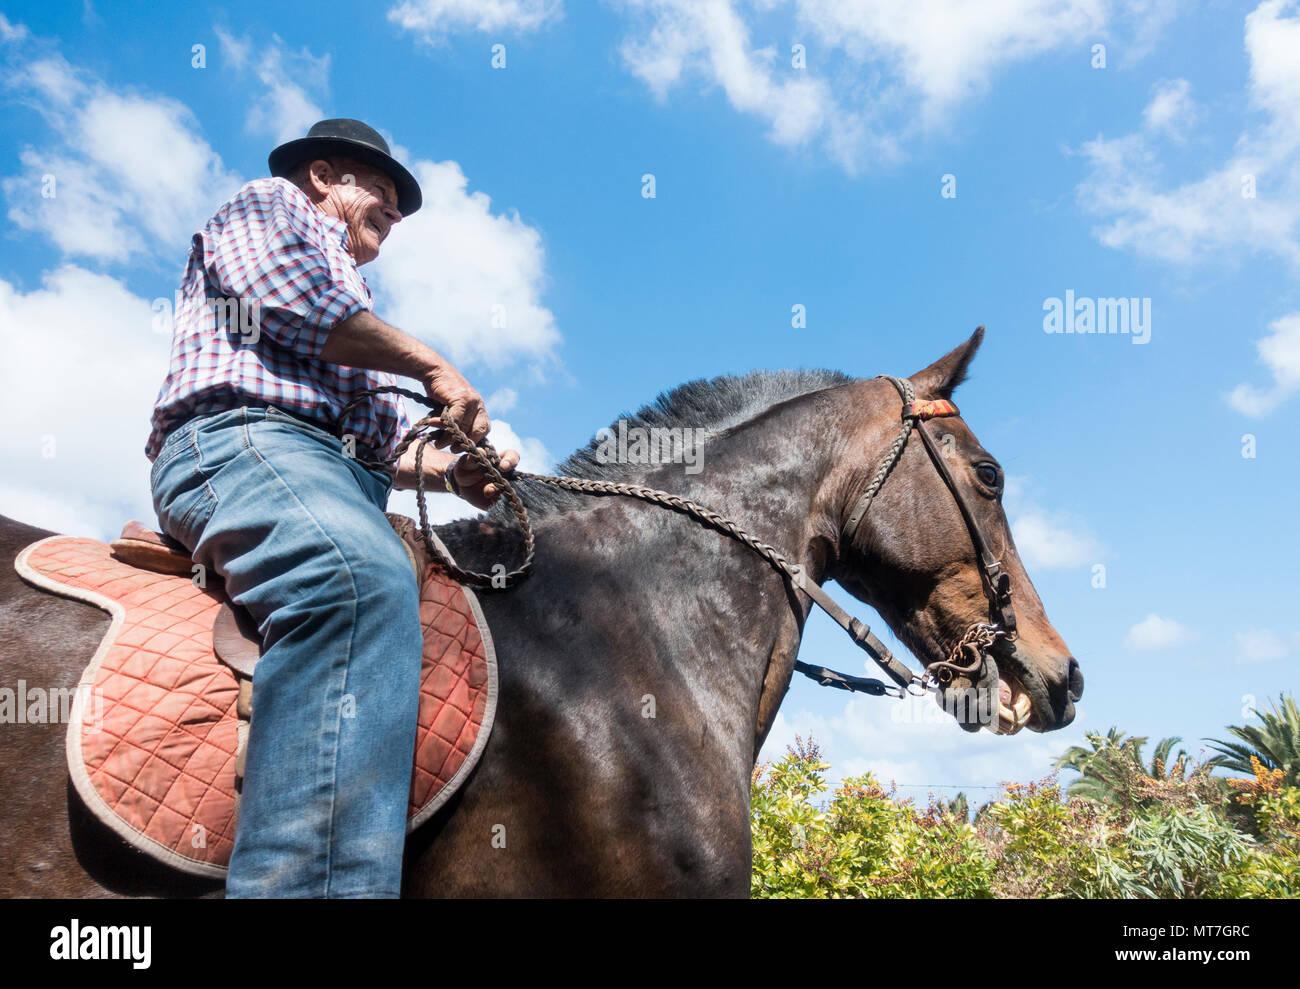 Anciano agricultor a caballo en Gran Canaria, Islas Canarias, España Imagen De Stock